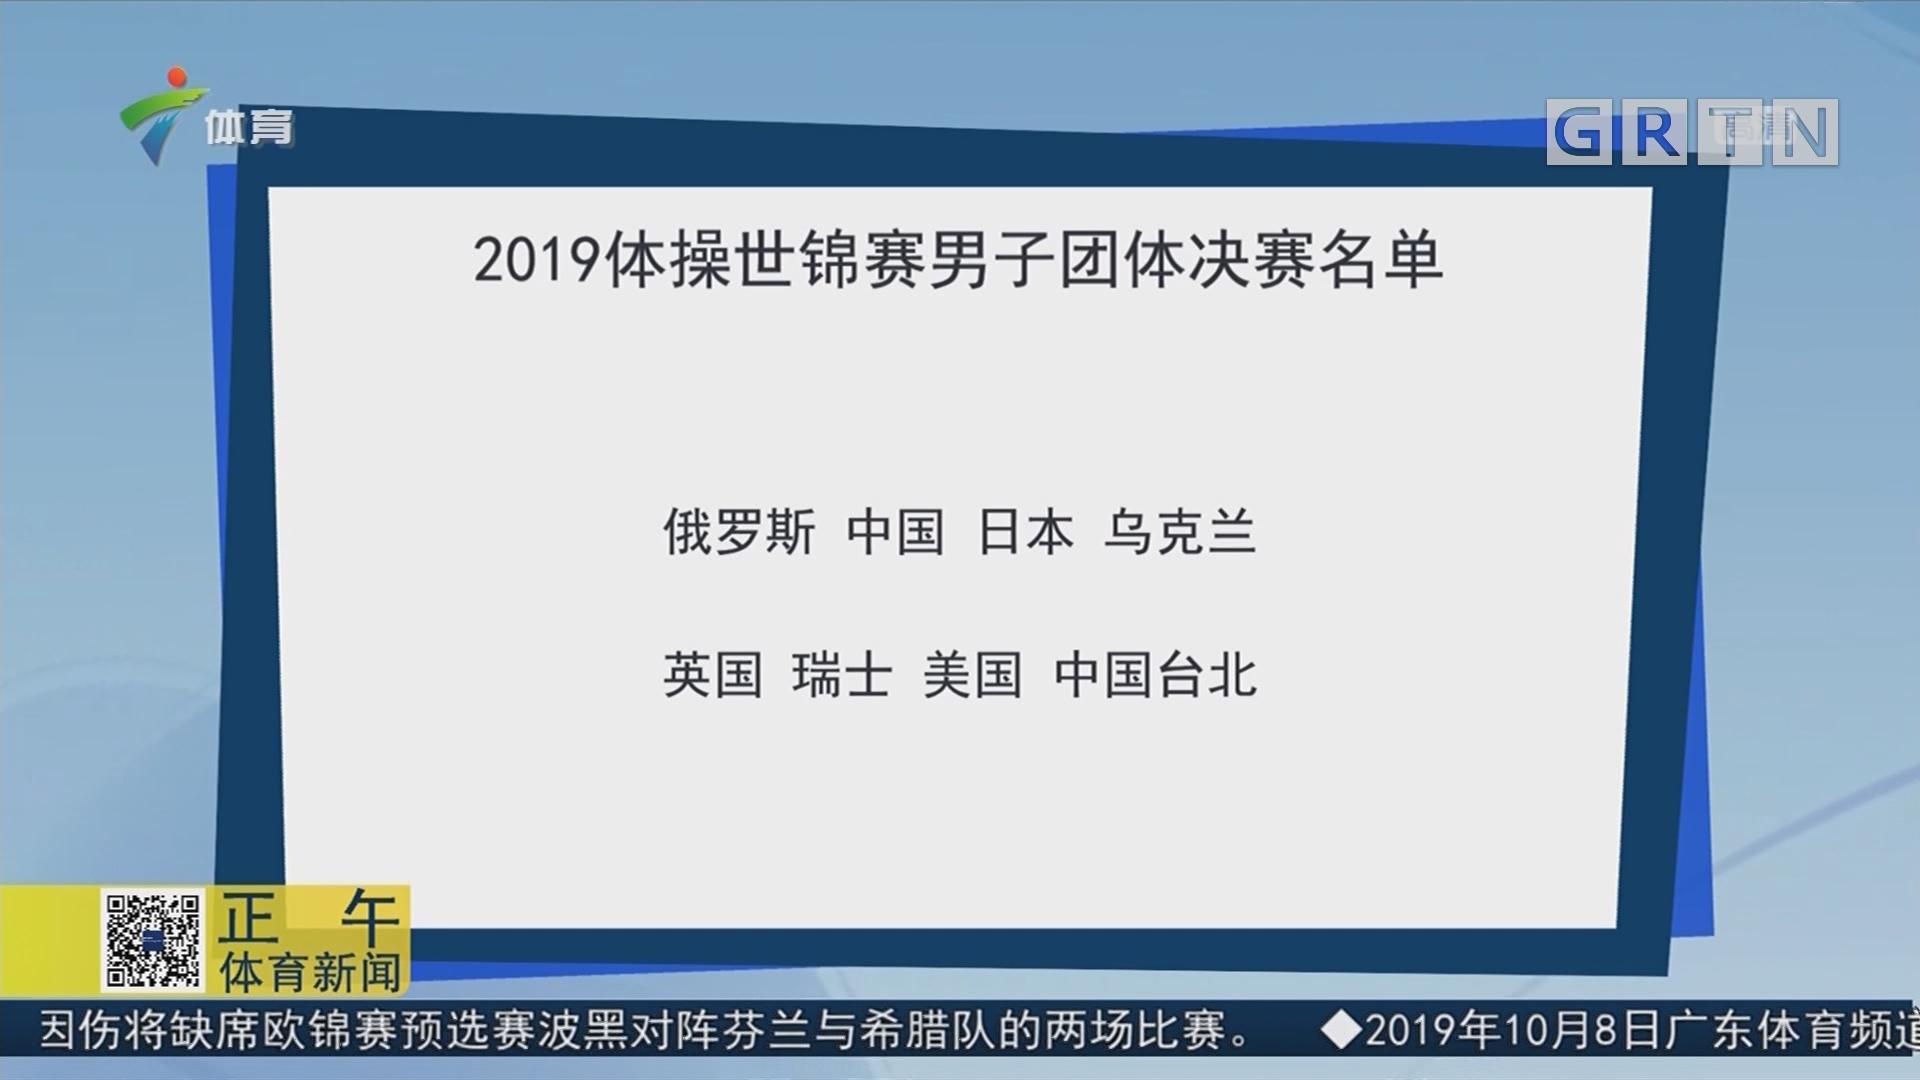 2019体操世锦赛男子团体决赛名单